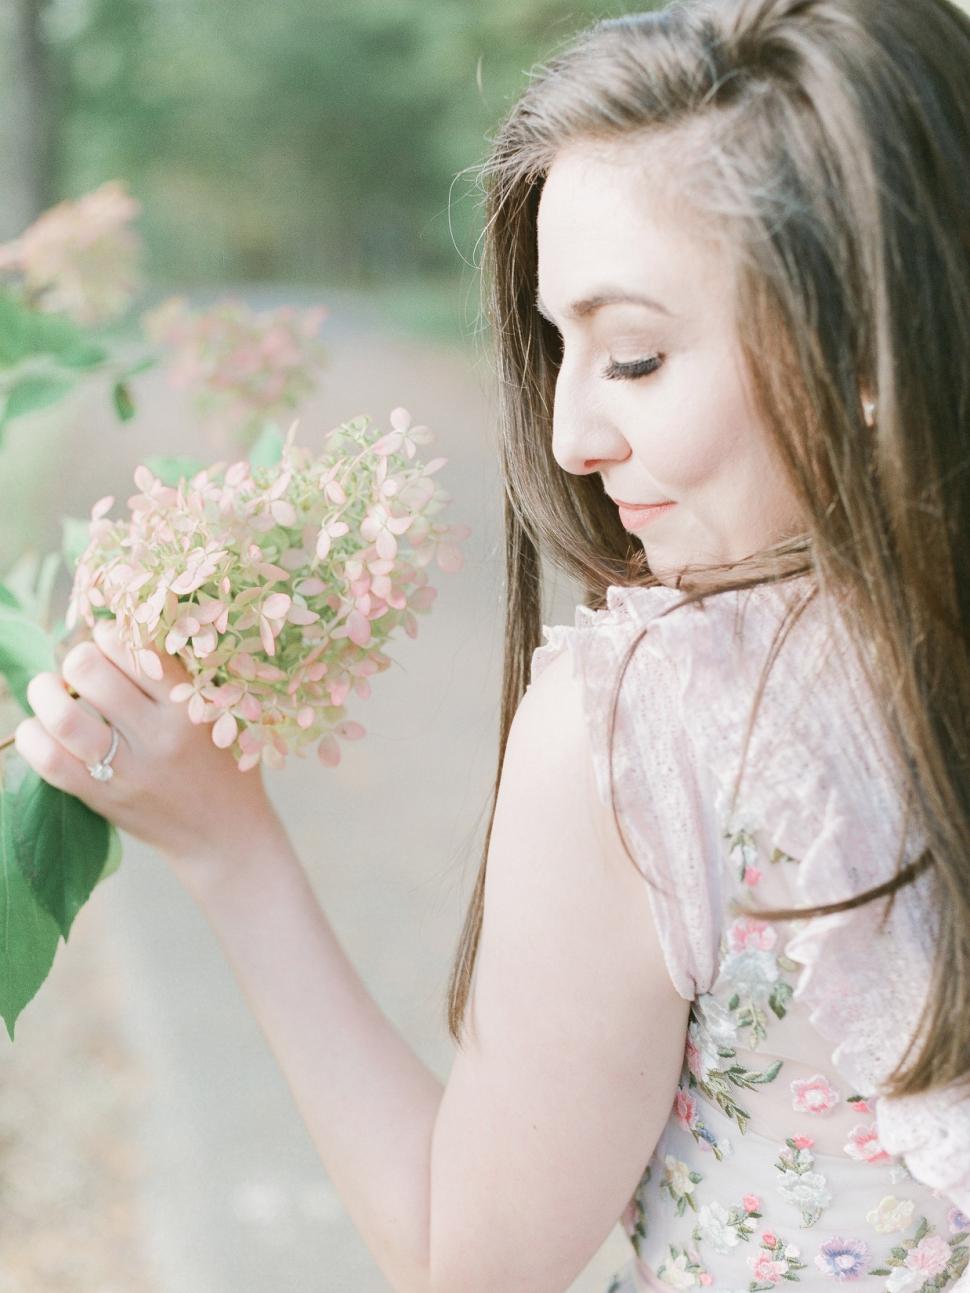 Poconos-Wedding-Photographer-Cassi-Claire-Poconos-Engagement-Photos_02.jpg